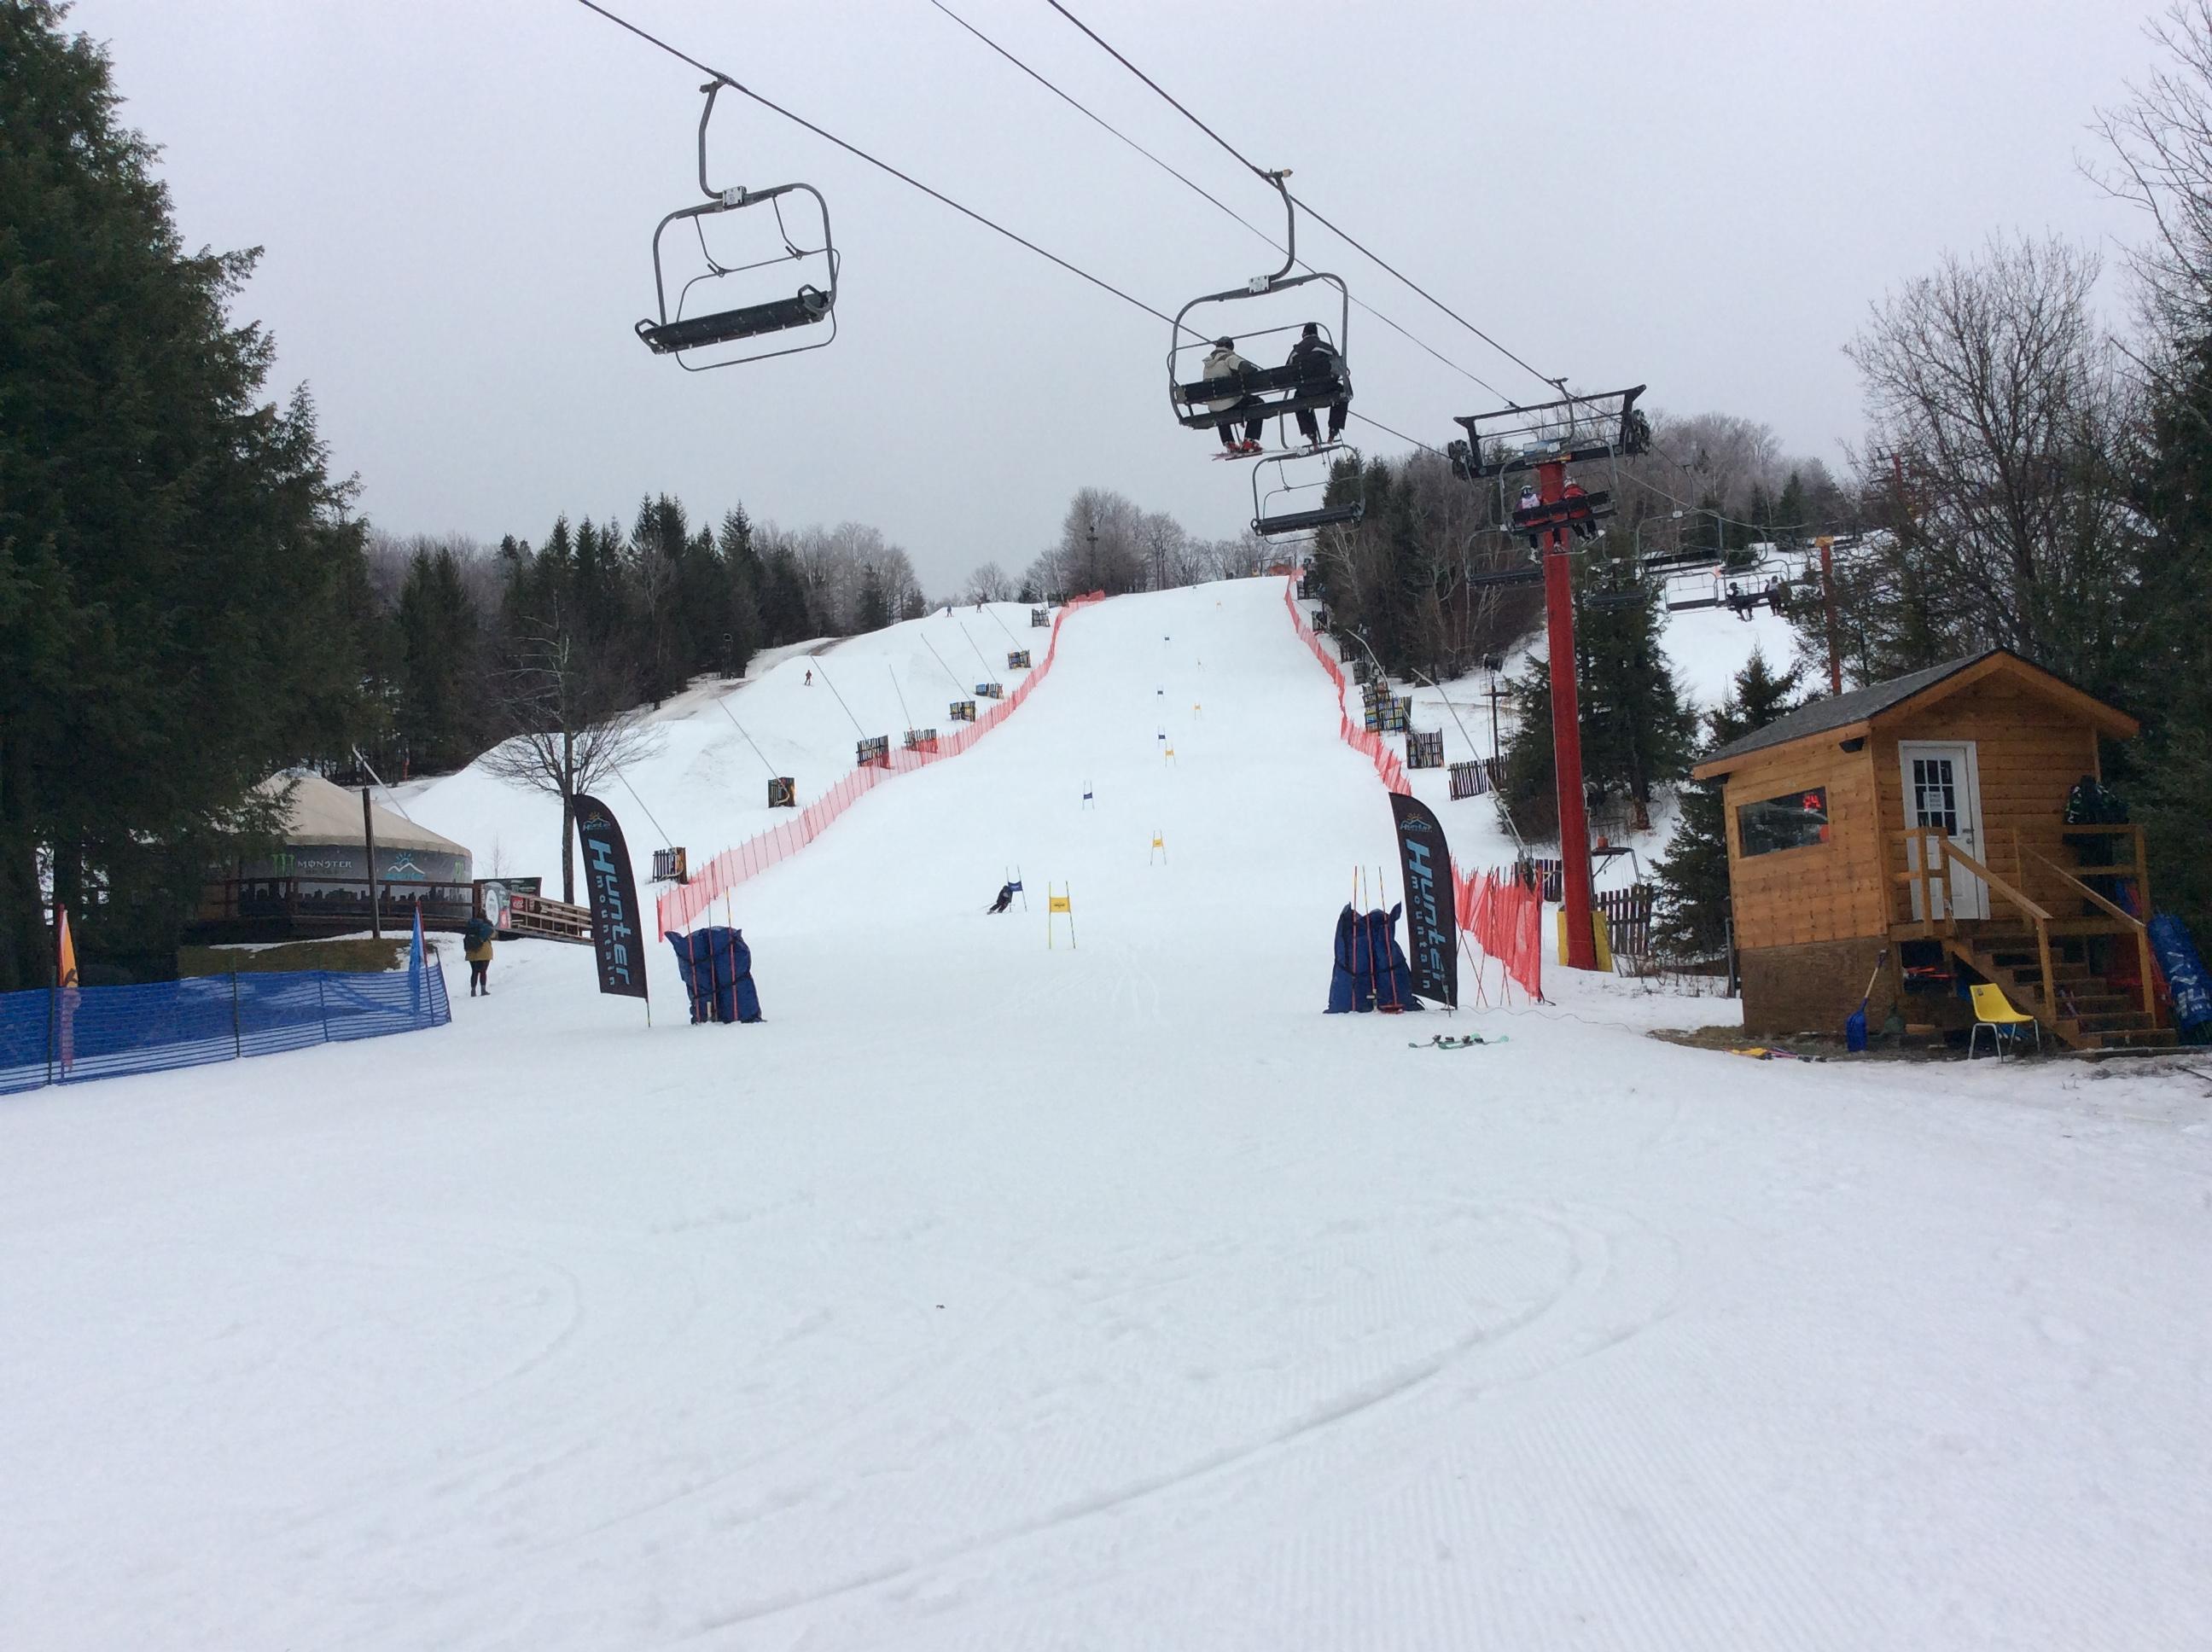 nypd-ski-club_32396118885_o